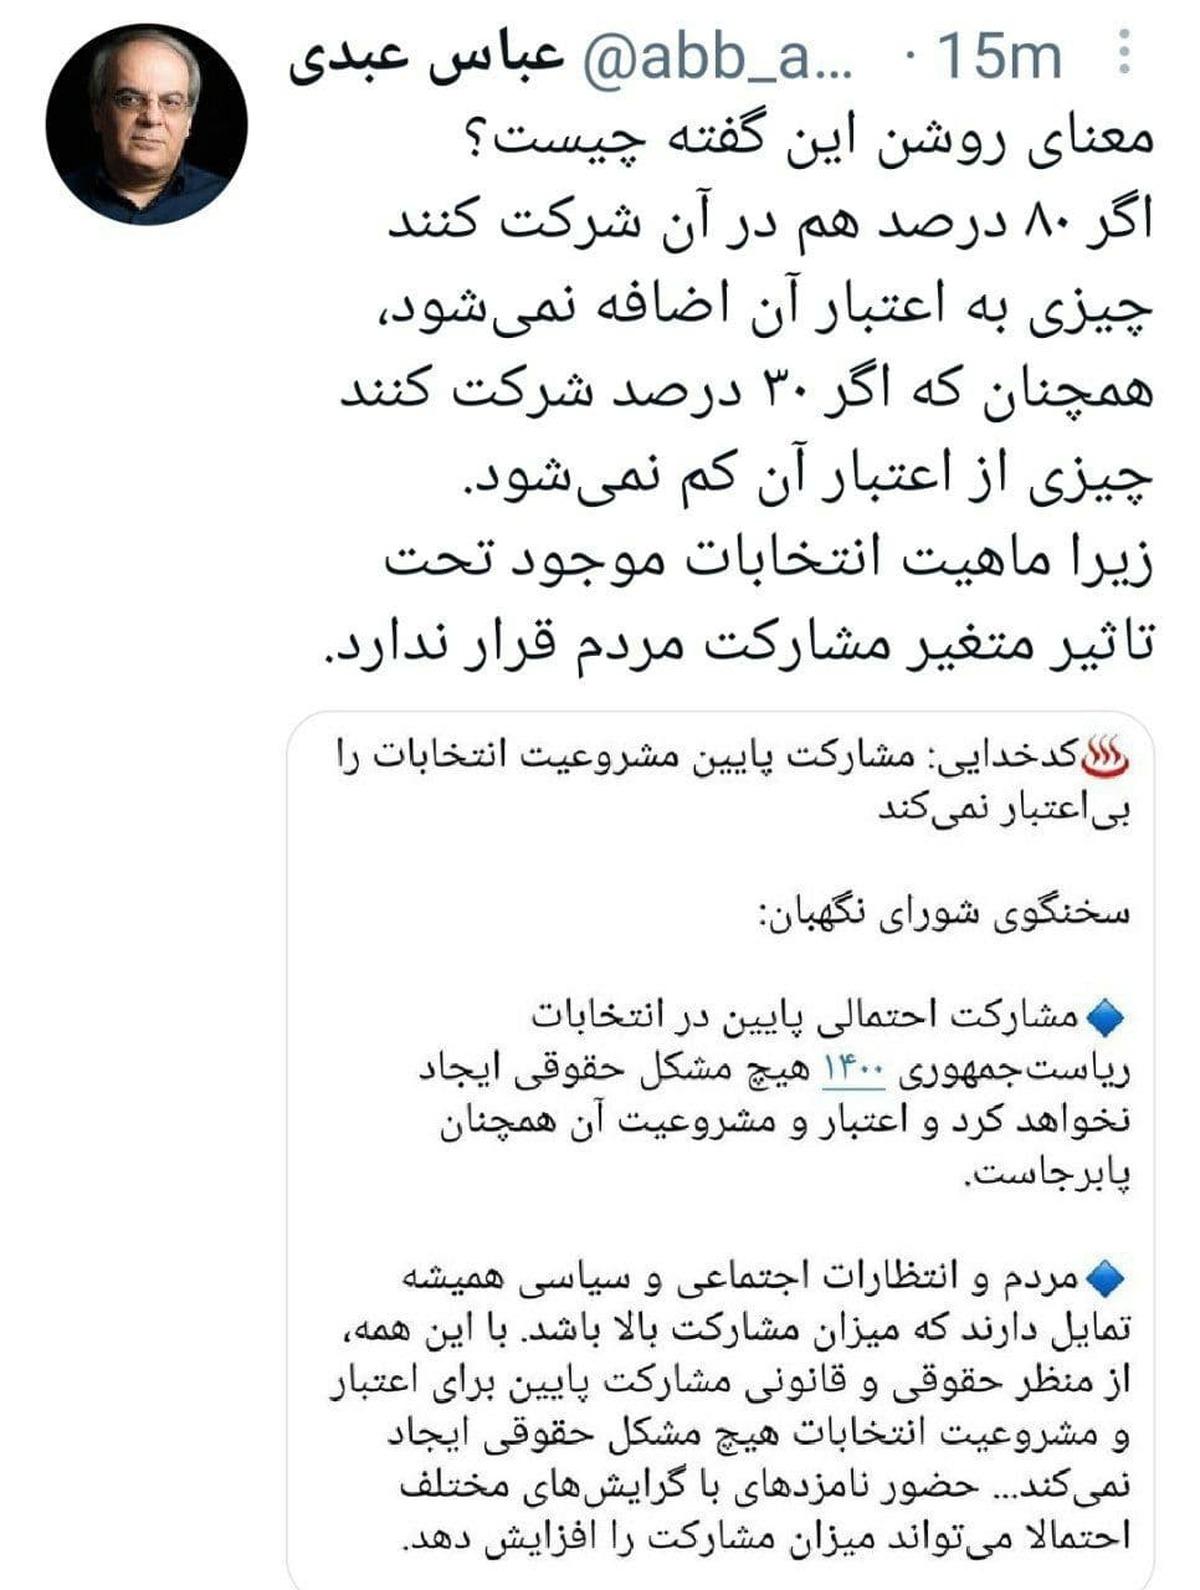 عباس عبدی به گفته های سخنگوی شورای نگهبان واکنش نشان داد